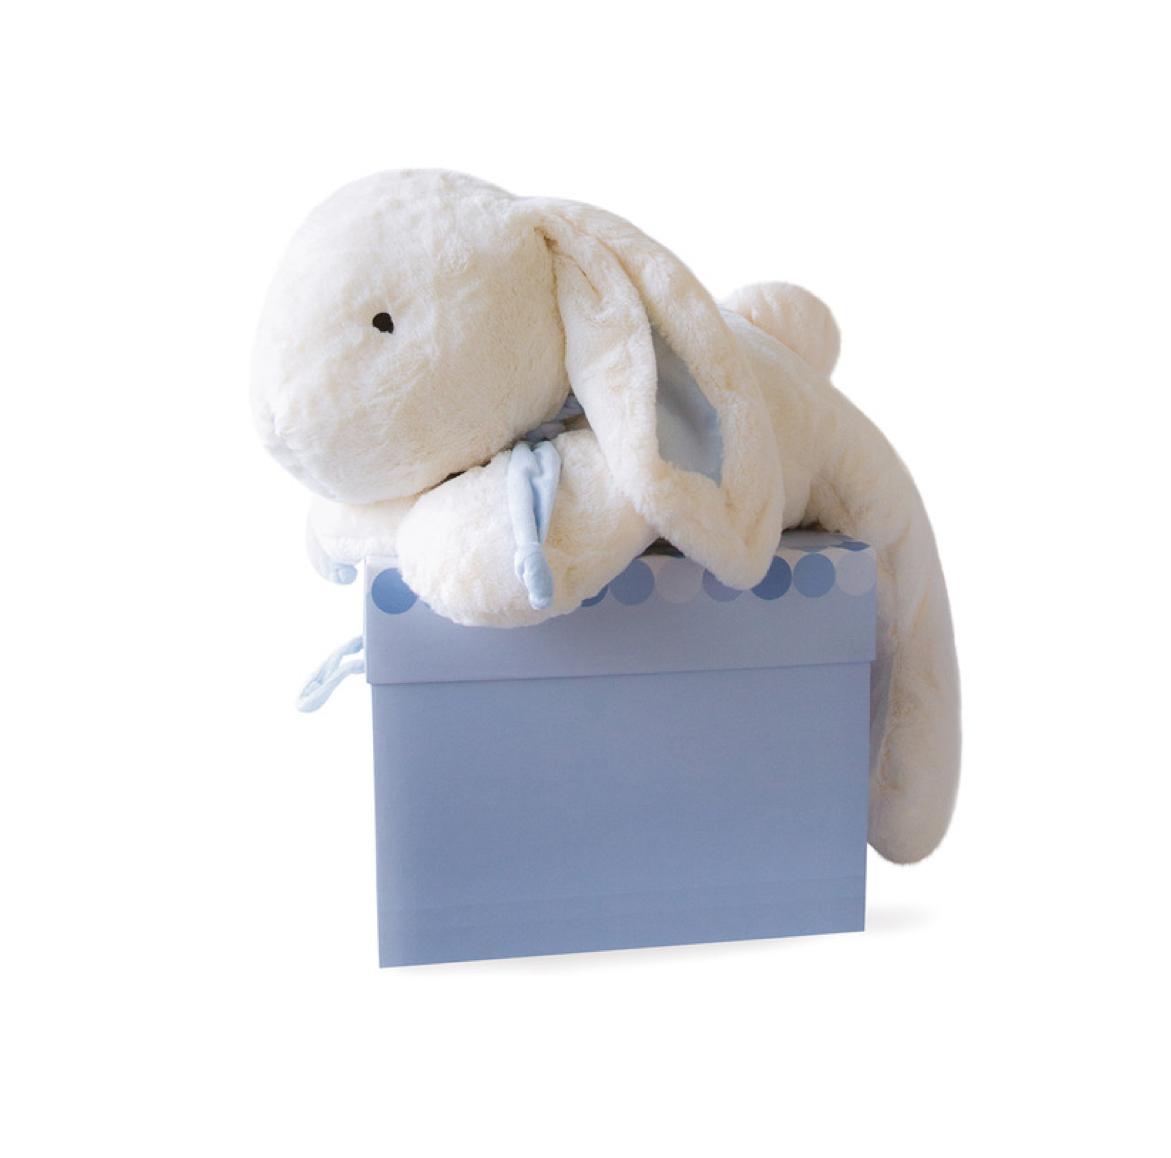 conejito-azul-bonbon-de-doudou-et-compaigne-en-el-mundo-de-mico-2